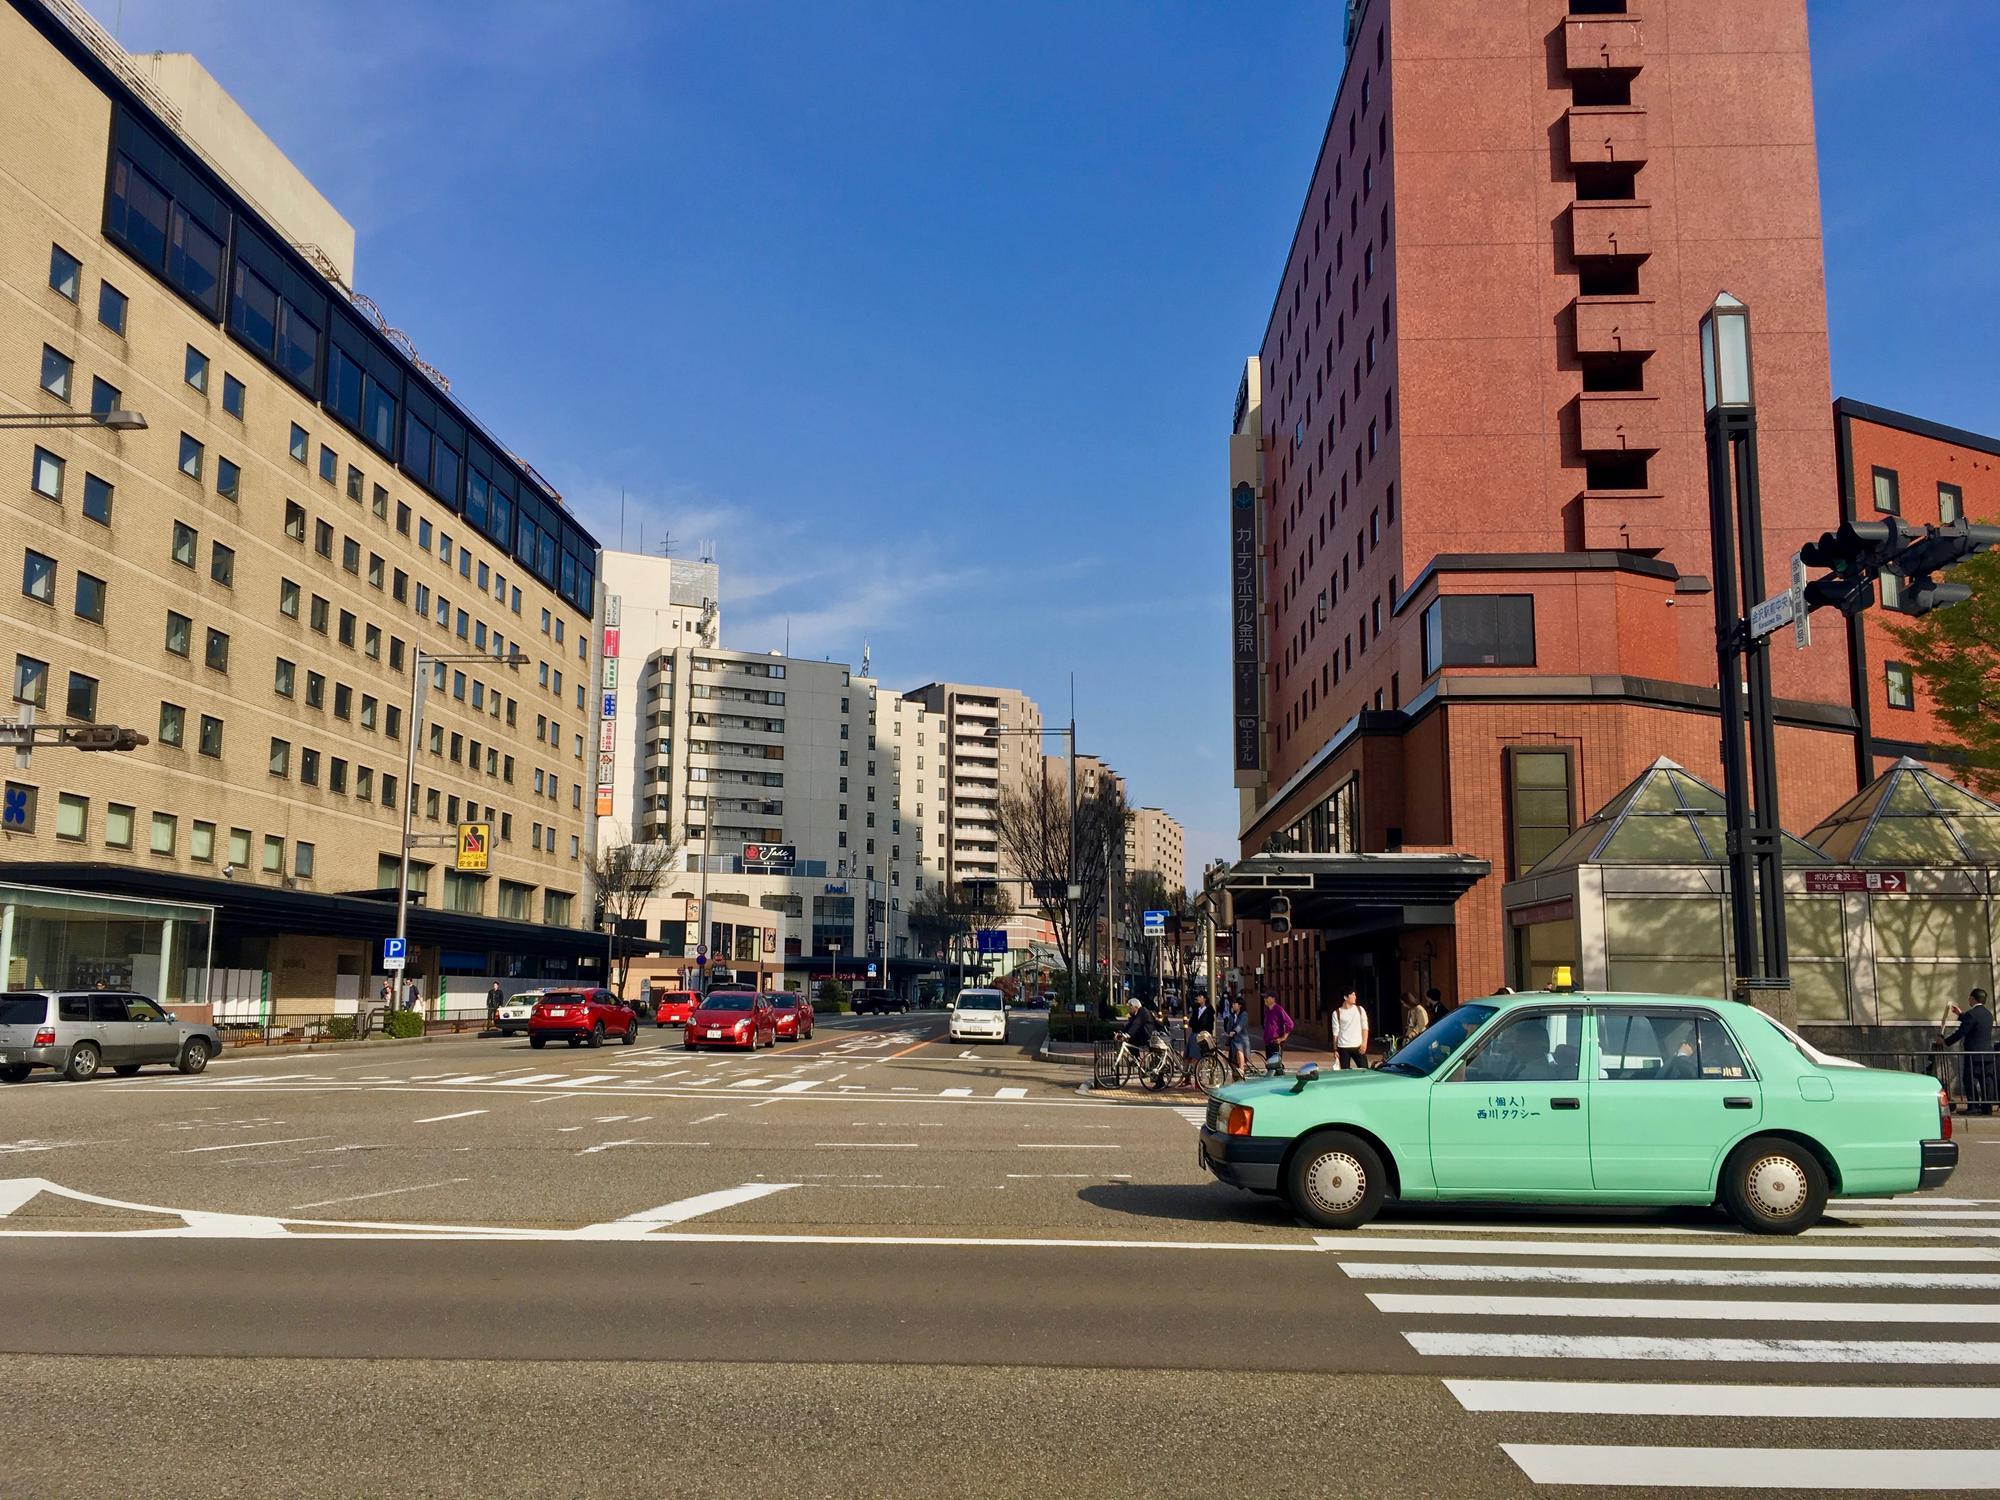 🇯🇵 Kanazawa, Japan, april 2017.